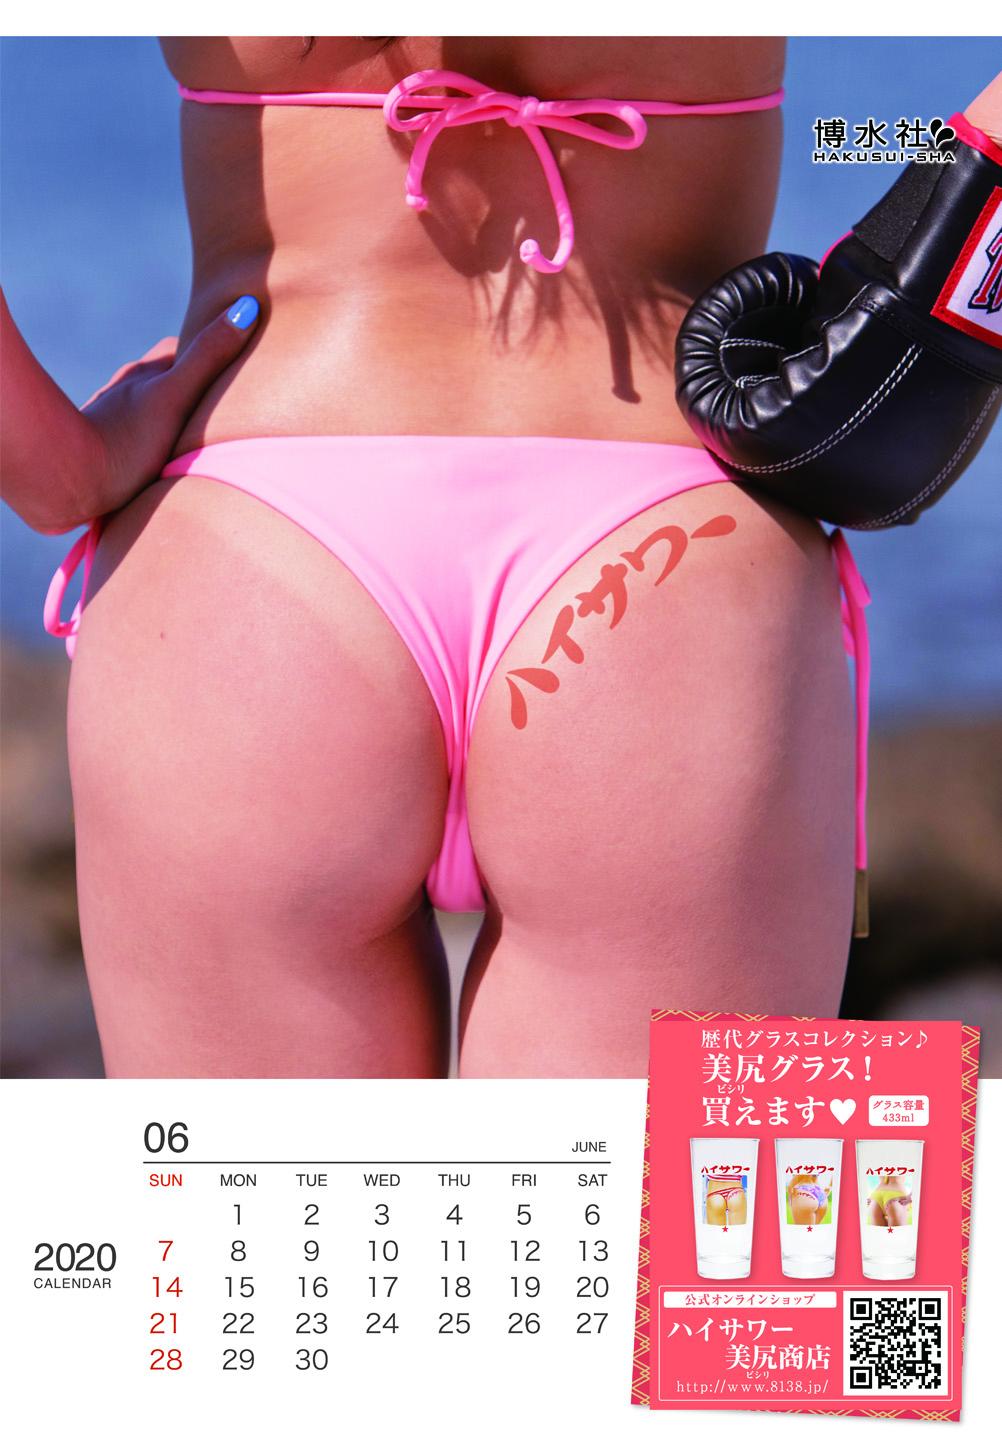 bishiri_calendar2019_01_6_n_191007_ol_cs6